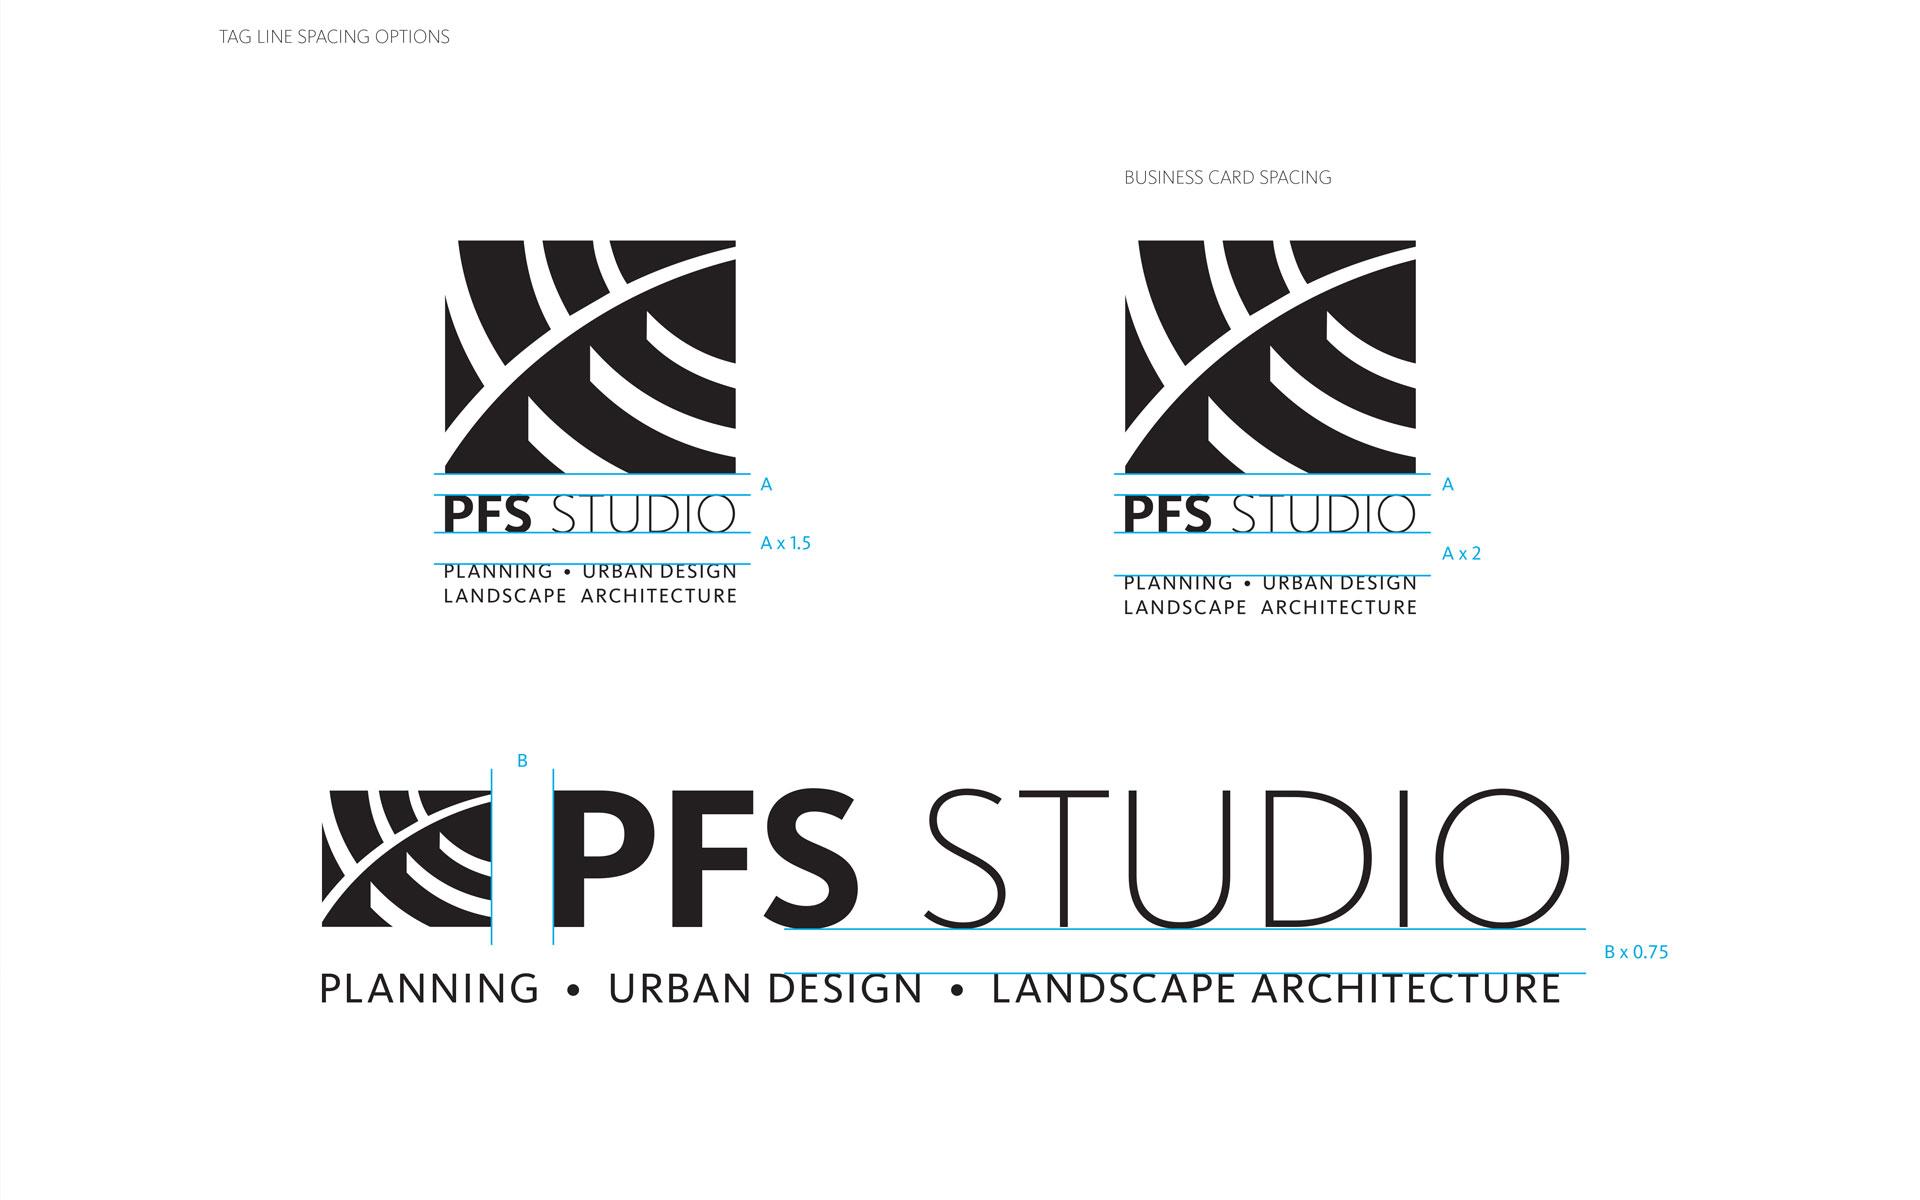 pfs-landscape-architecture-logo-3